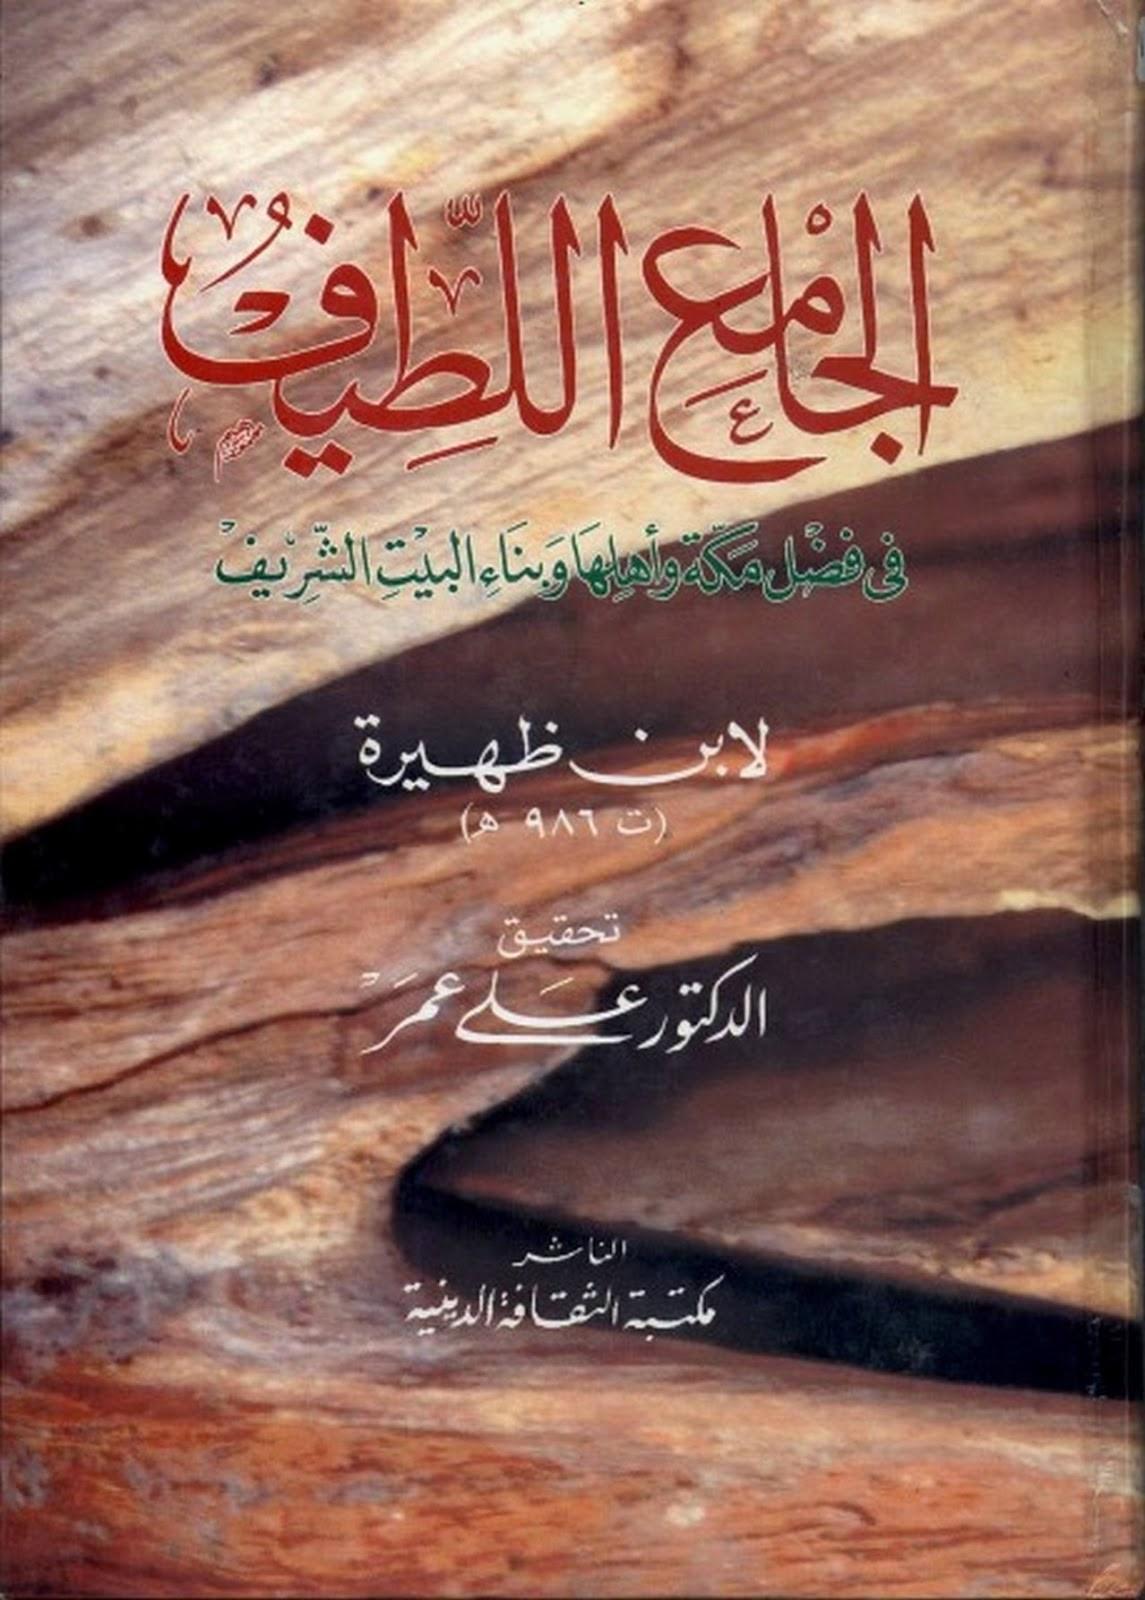 الجامع اللطيف في فضل مكة وأهلها وبناء البيت الشريف لـ ابن ظهيرة